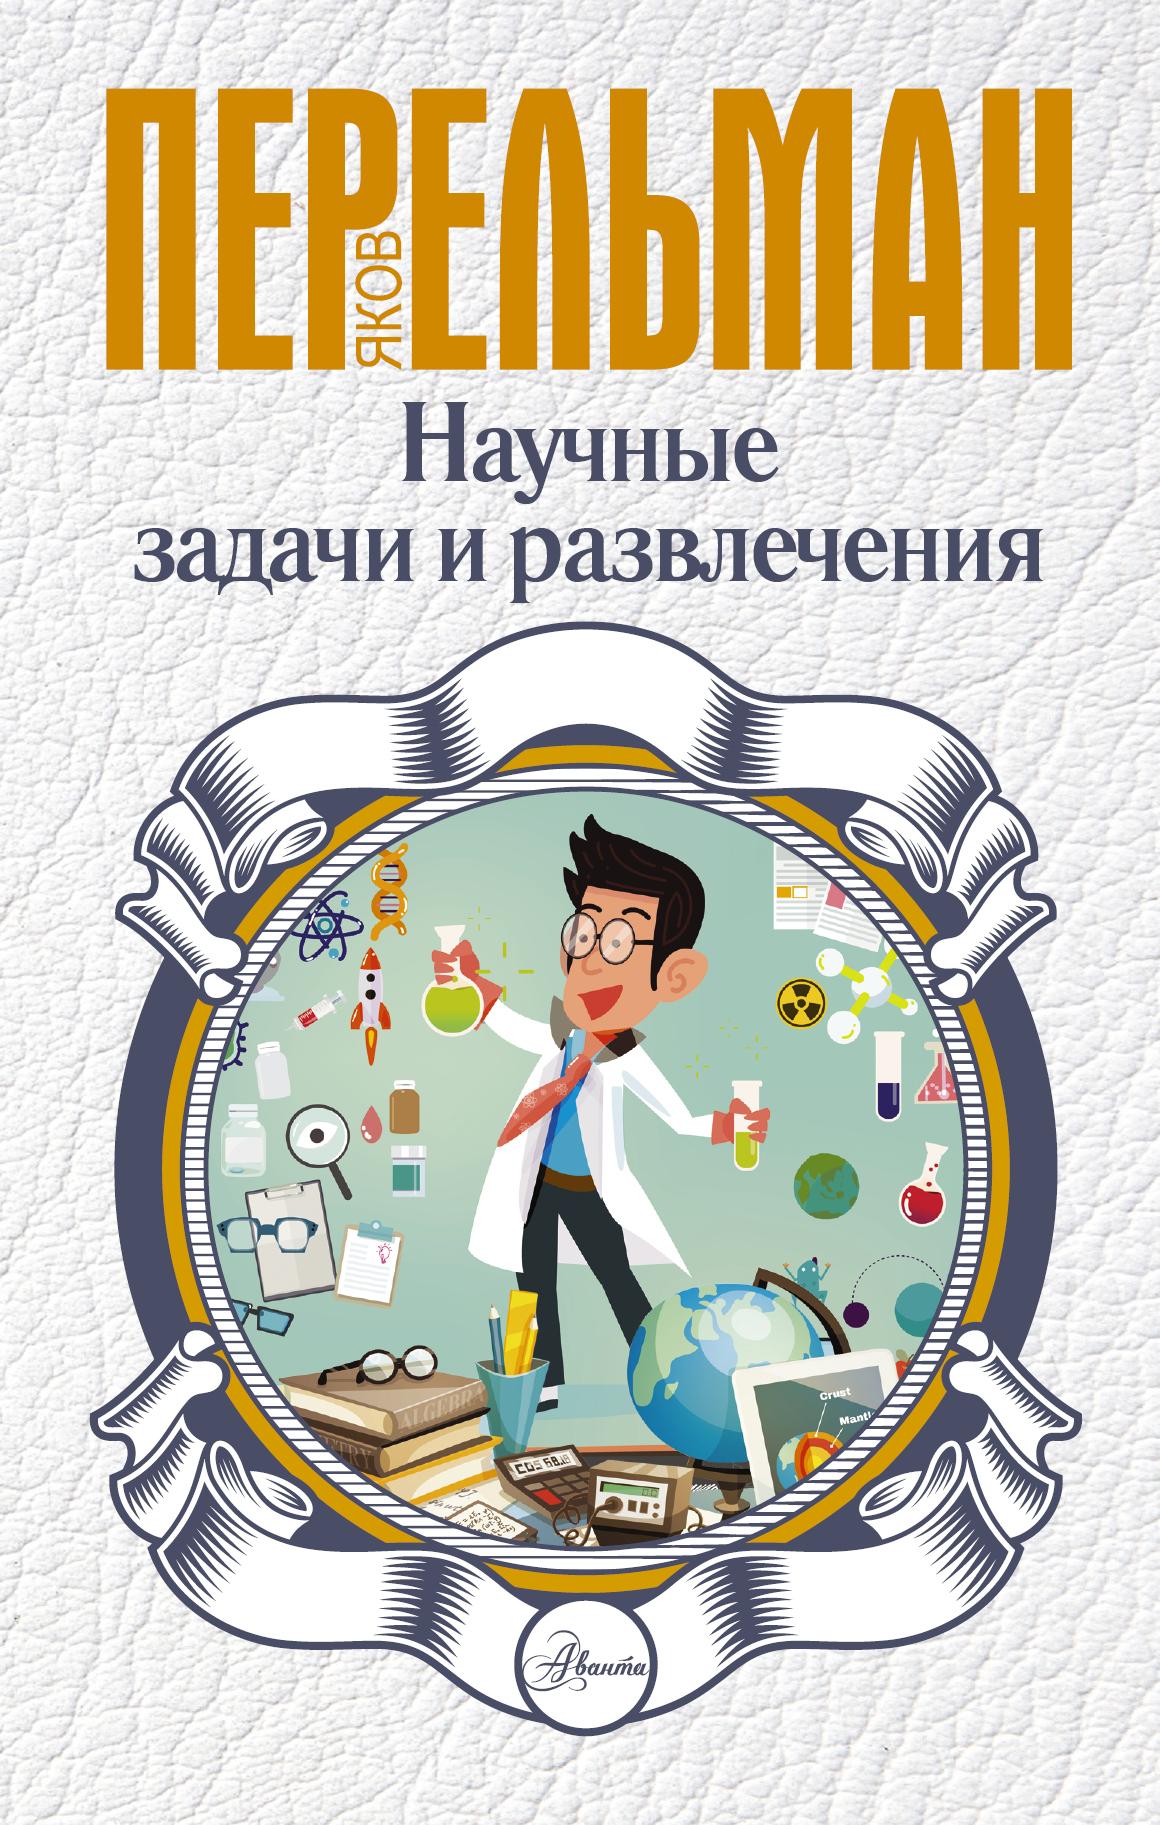 Перельман Я.И. Научные задачи и развлечения набор для опытов научные развлечения азбука парфюмерии